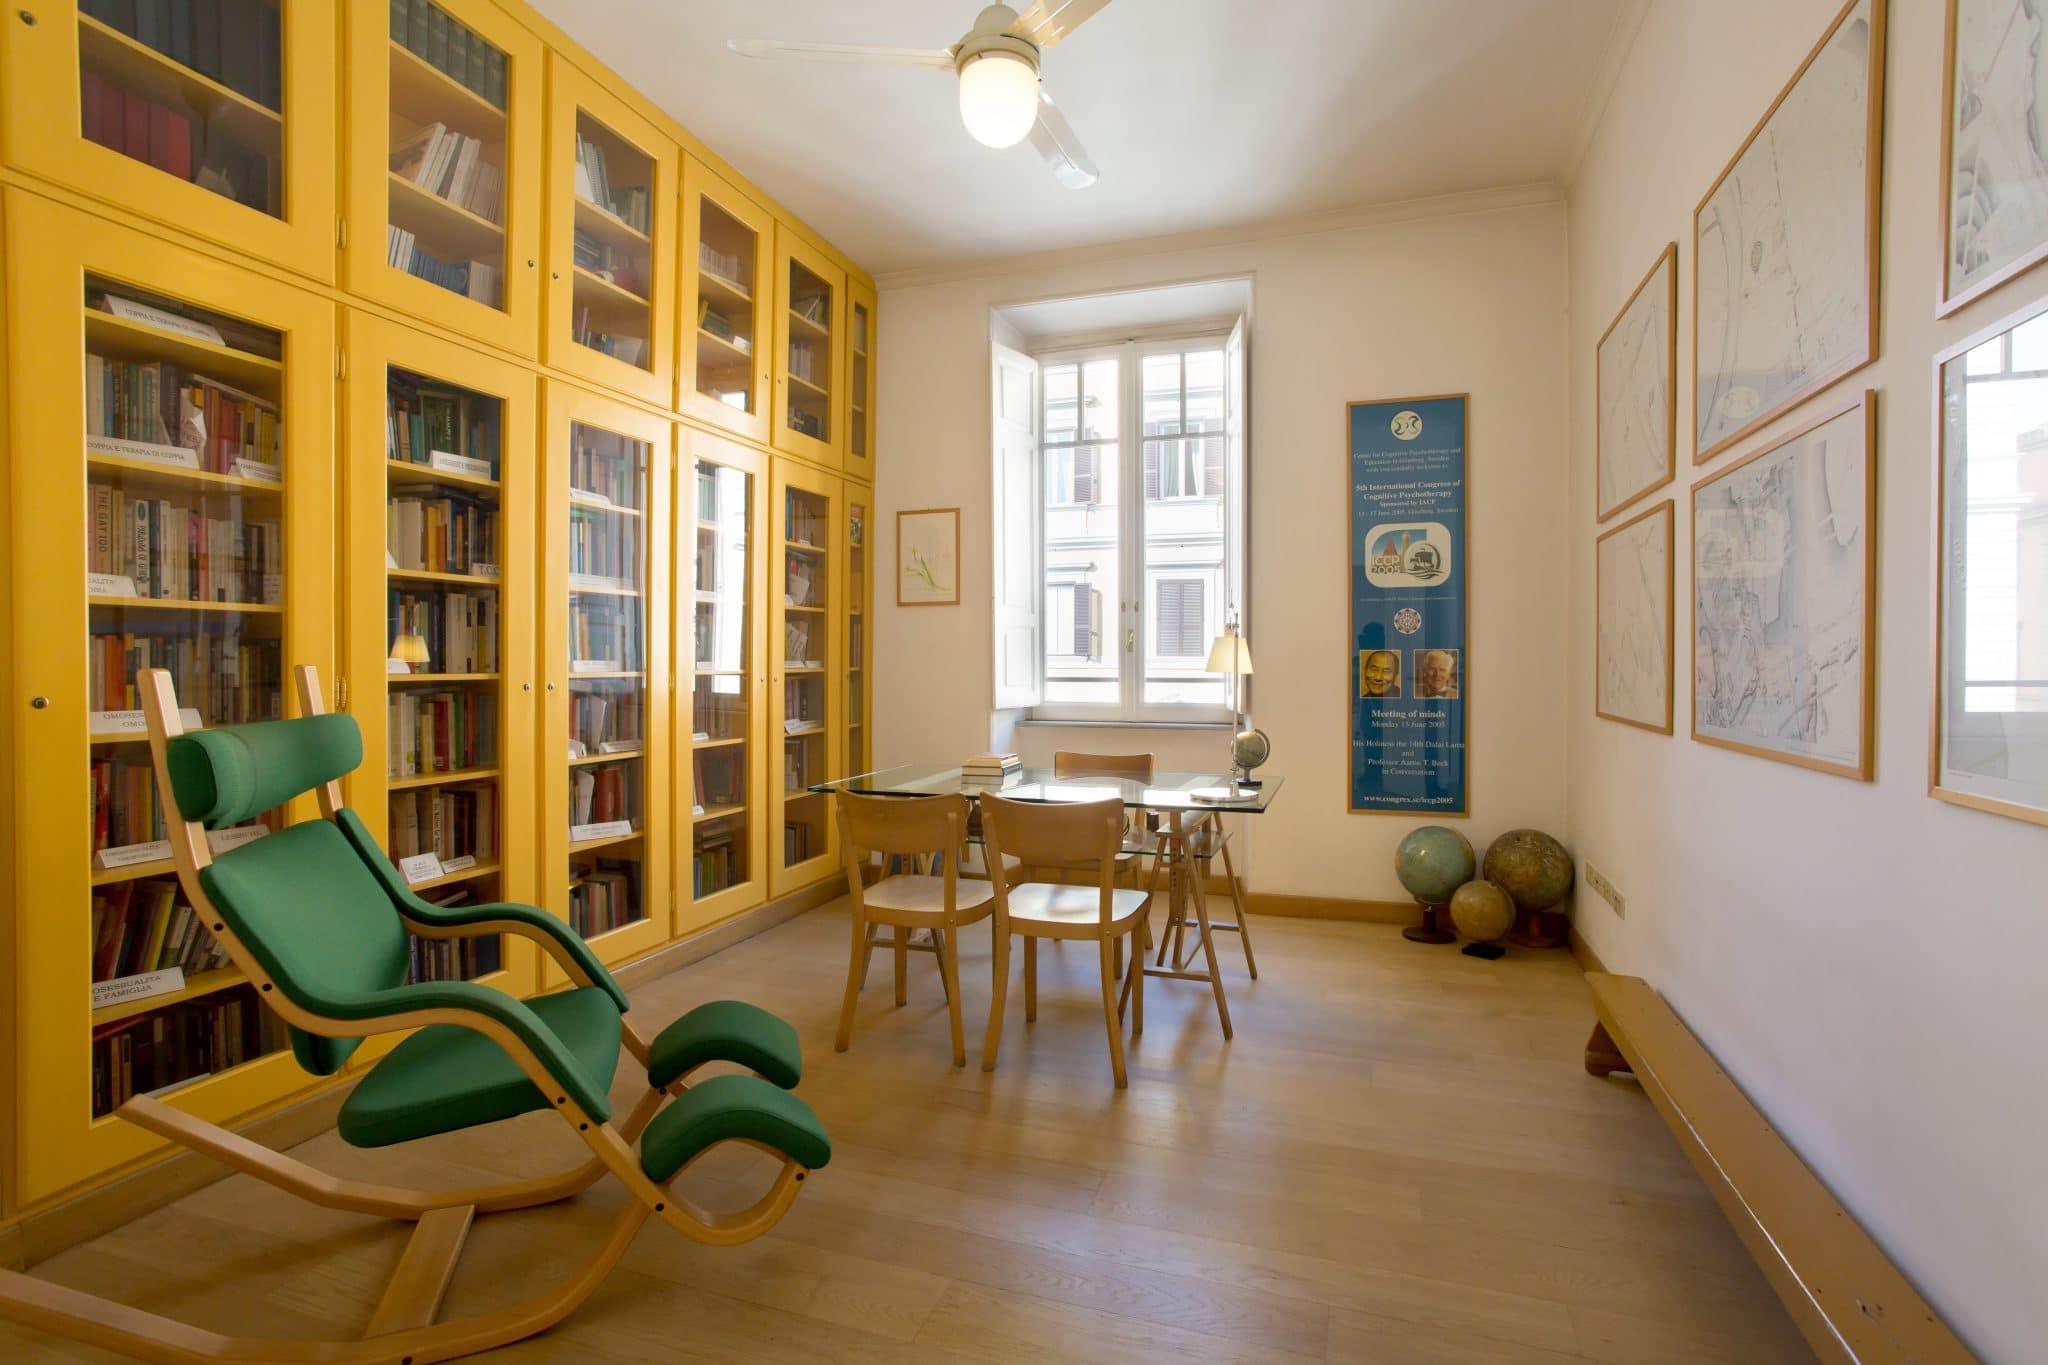 Affitto di stanze ad uso studio professionale - Istituto A ...